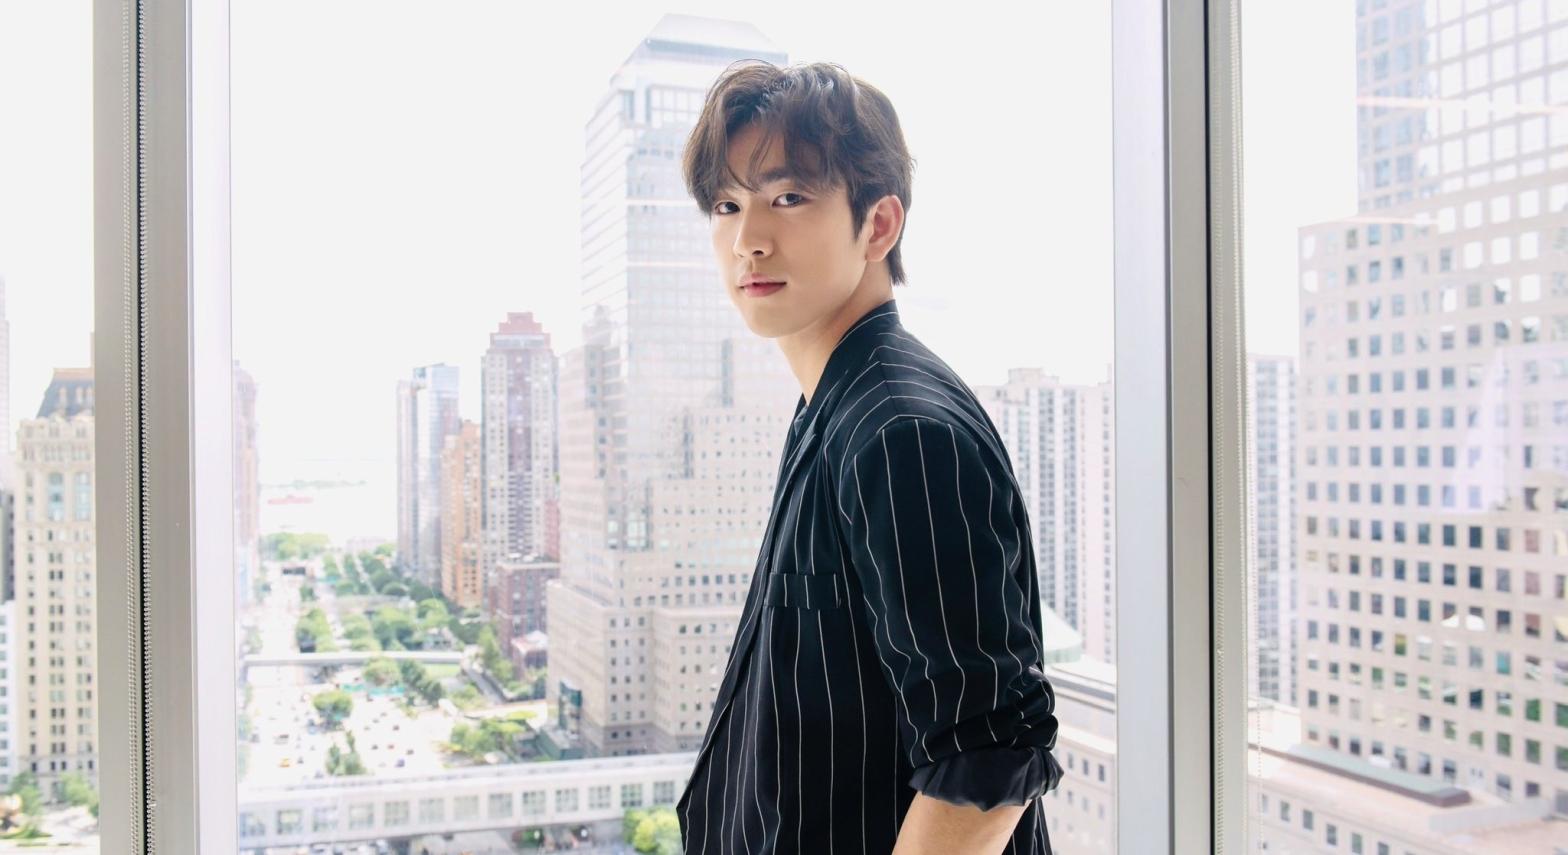 GOT7's Park Jin Young